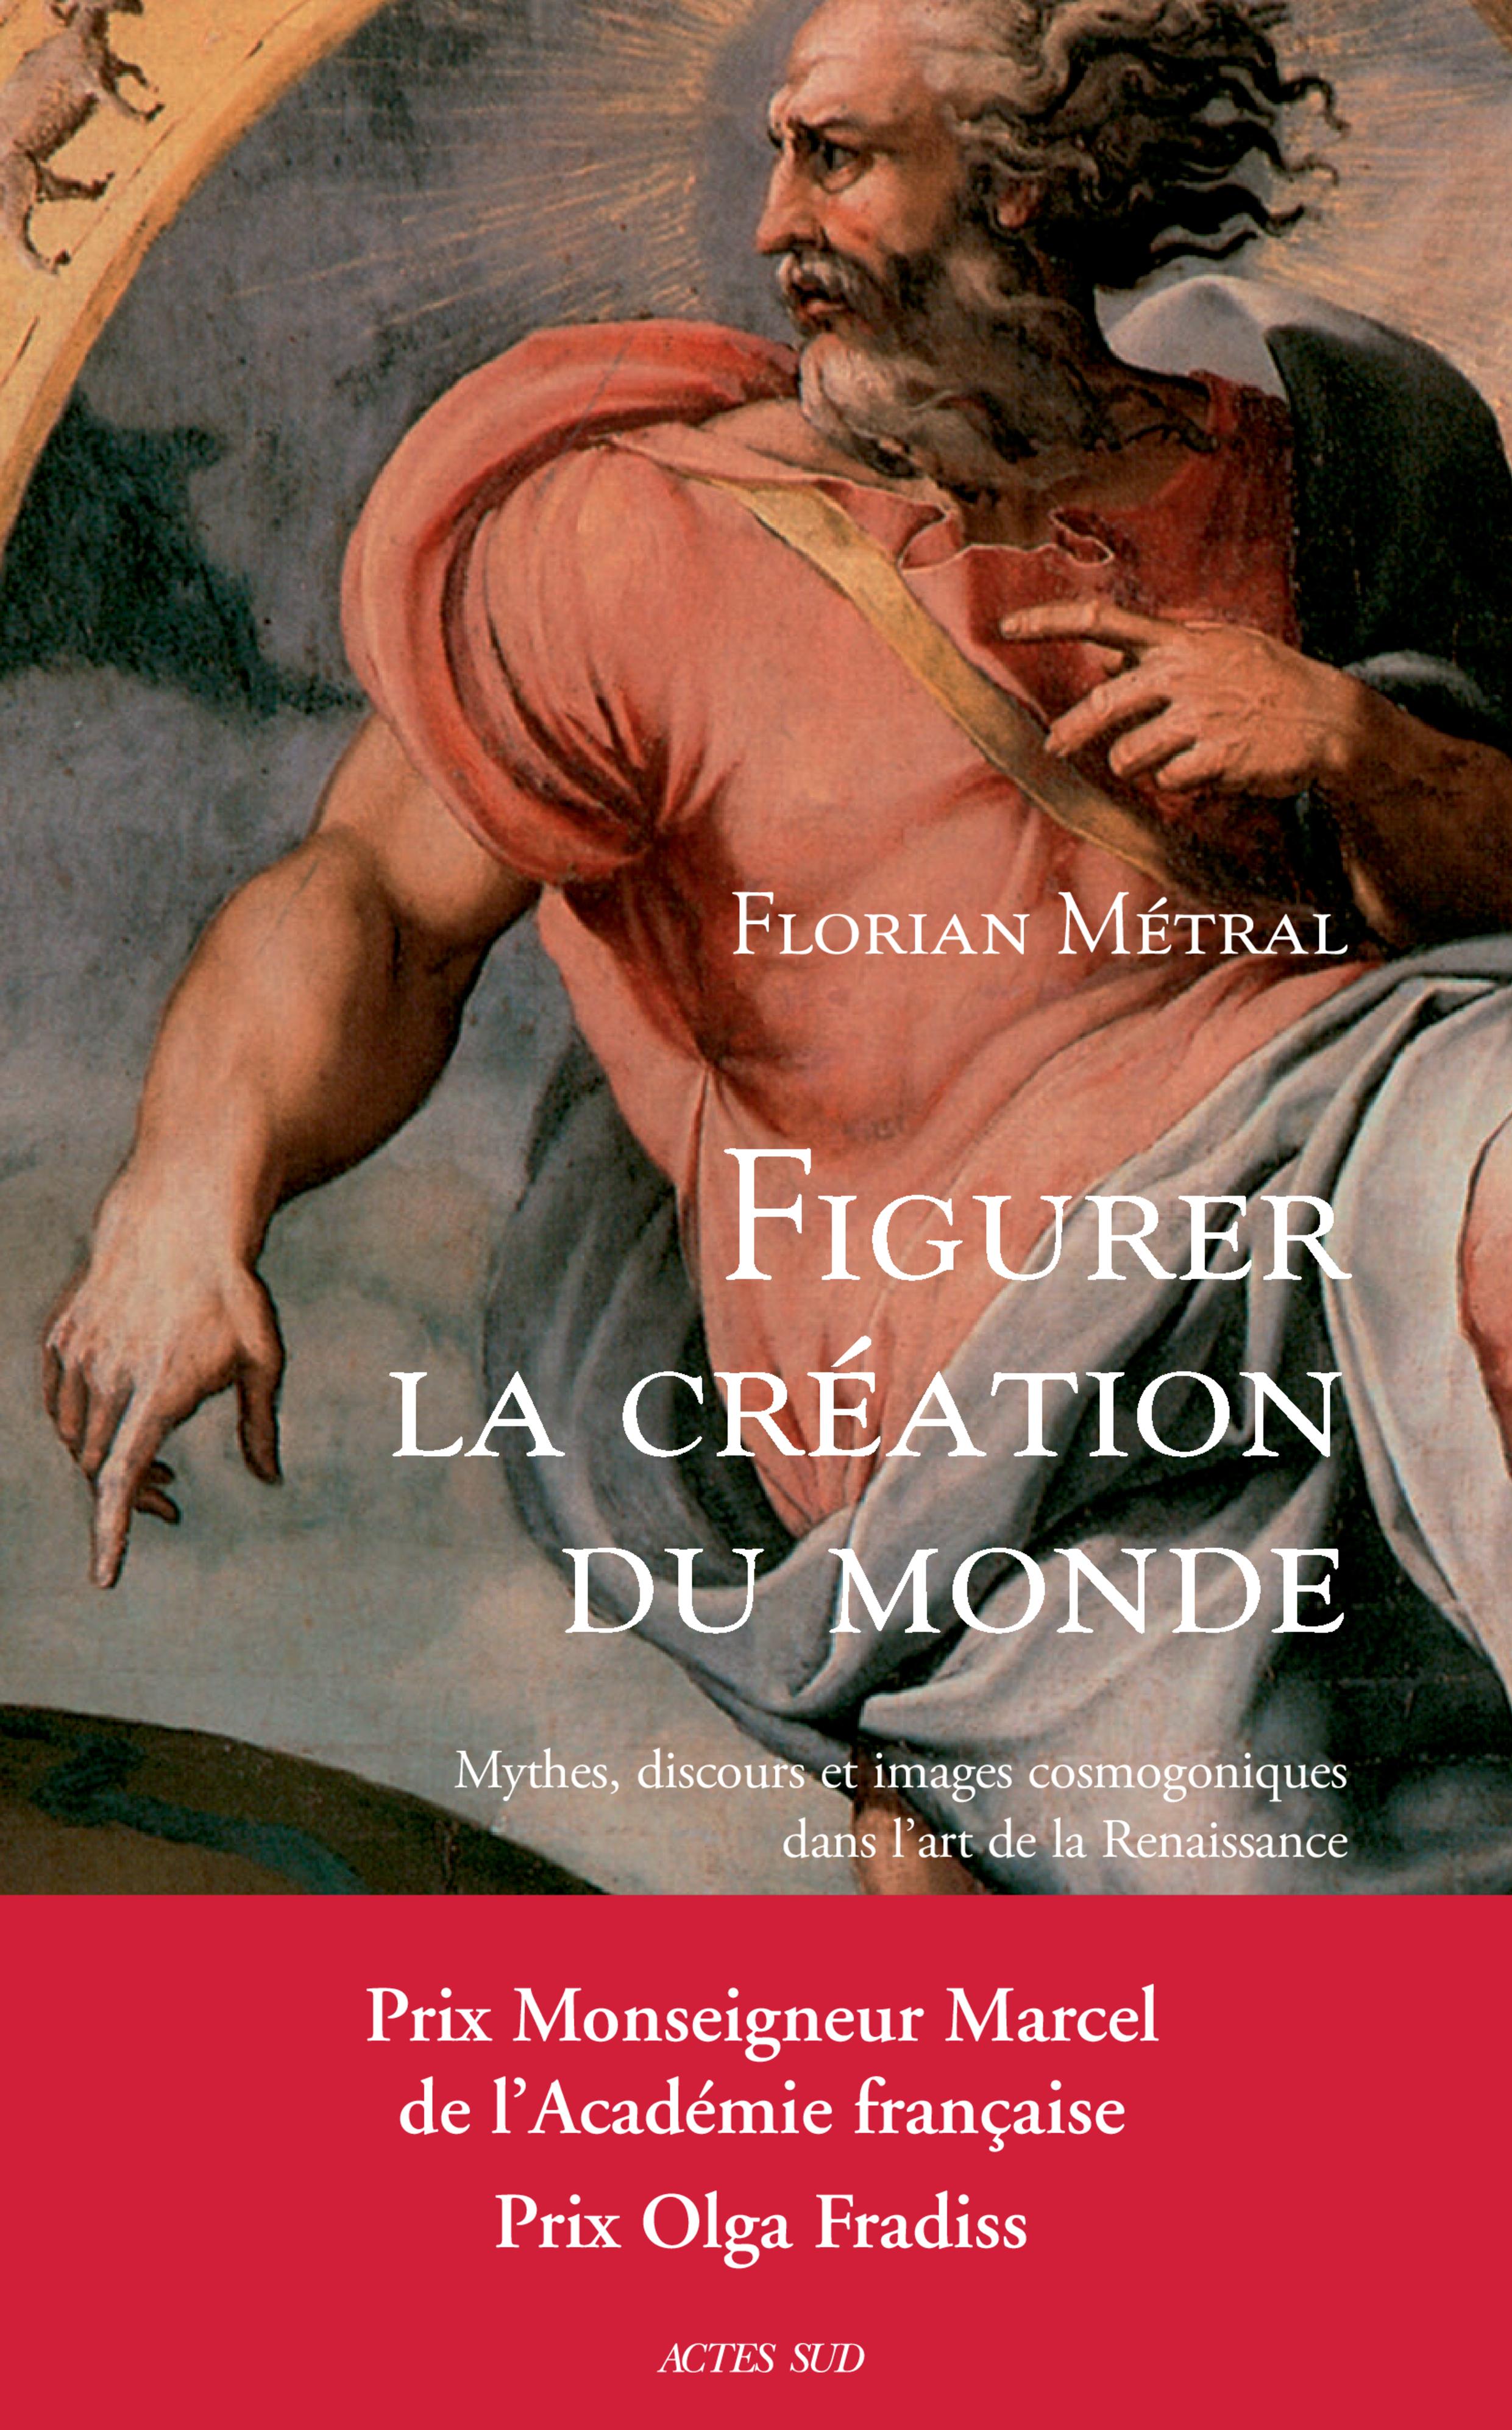 FIGURER LA CREATION DU MONDE - MYTHES, DISCOURS ET IMAGES COSMOGONIQUES DANS L'ART DE LA RENAISSANCE